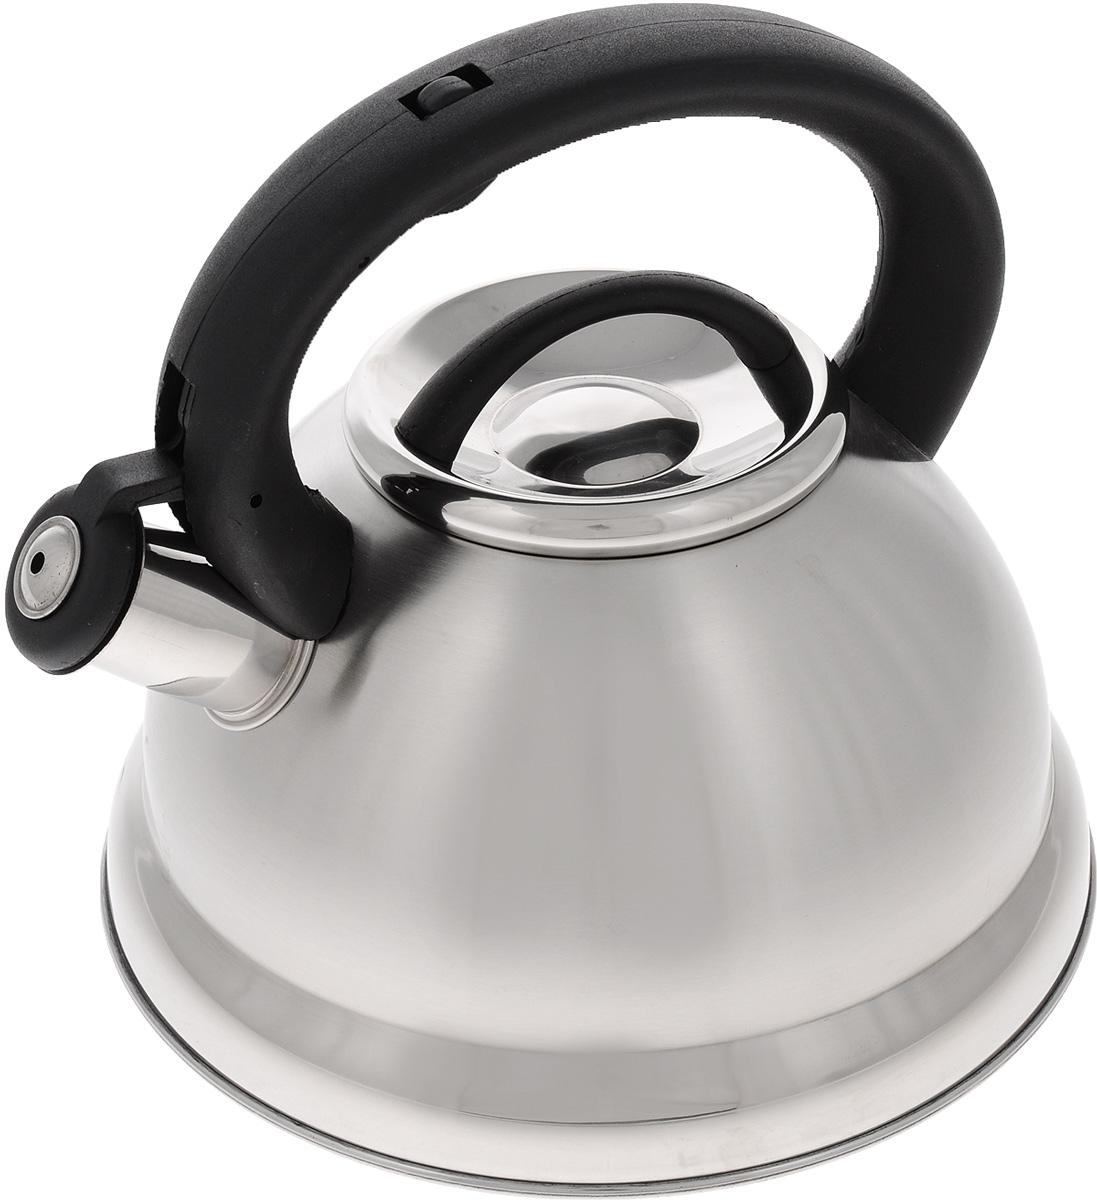 Чайник Mayer & Boch, со свистком, 2,8 л. 2163521635Чайник Mayer & Boch выполнен из высококачественной нержавеющей стали, что делает его весьма гигиеничным и устойчивым к износу при длительном использовании. Носик чайника оснащен откидным свистком, звуковой сигнал которого подскажет, когда закипит вода. Свисток открывается нажатием кнопки на ручке. Фиксированная ручка, изготовленная из пластика, делает использование чайника очень удобным и безопасным. Поверхность чайника гладкая, что облегчает уход за ним. Эстетичный и функциональный, такой чайник будет оригинально смотреться в любом интерьере. Чайник пригоден для всех типов плит, включая индукционные. Можно мыть в посудомоечной машине. Высота чайника (без учета ручки и крышки): 12 см. Высота чайника (с учетом ручки и крышки): 21 см. Диаметр чайника (по верхнему краю): 10 см.